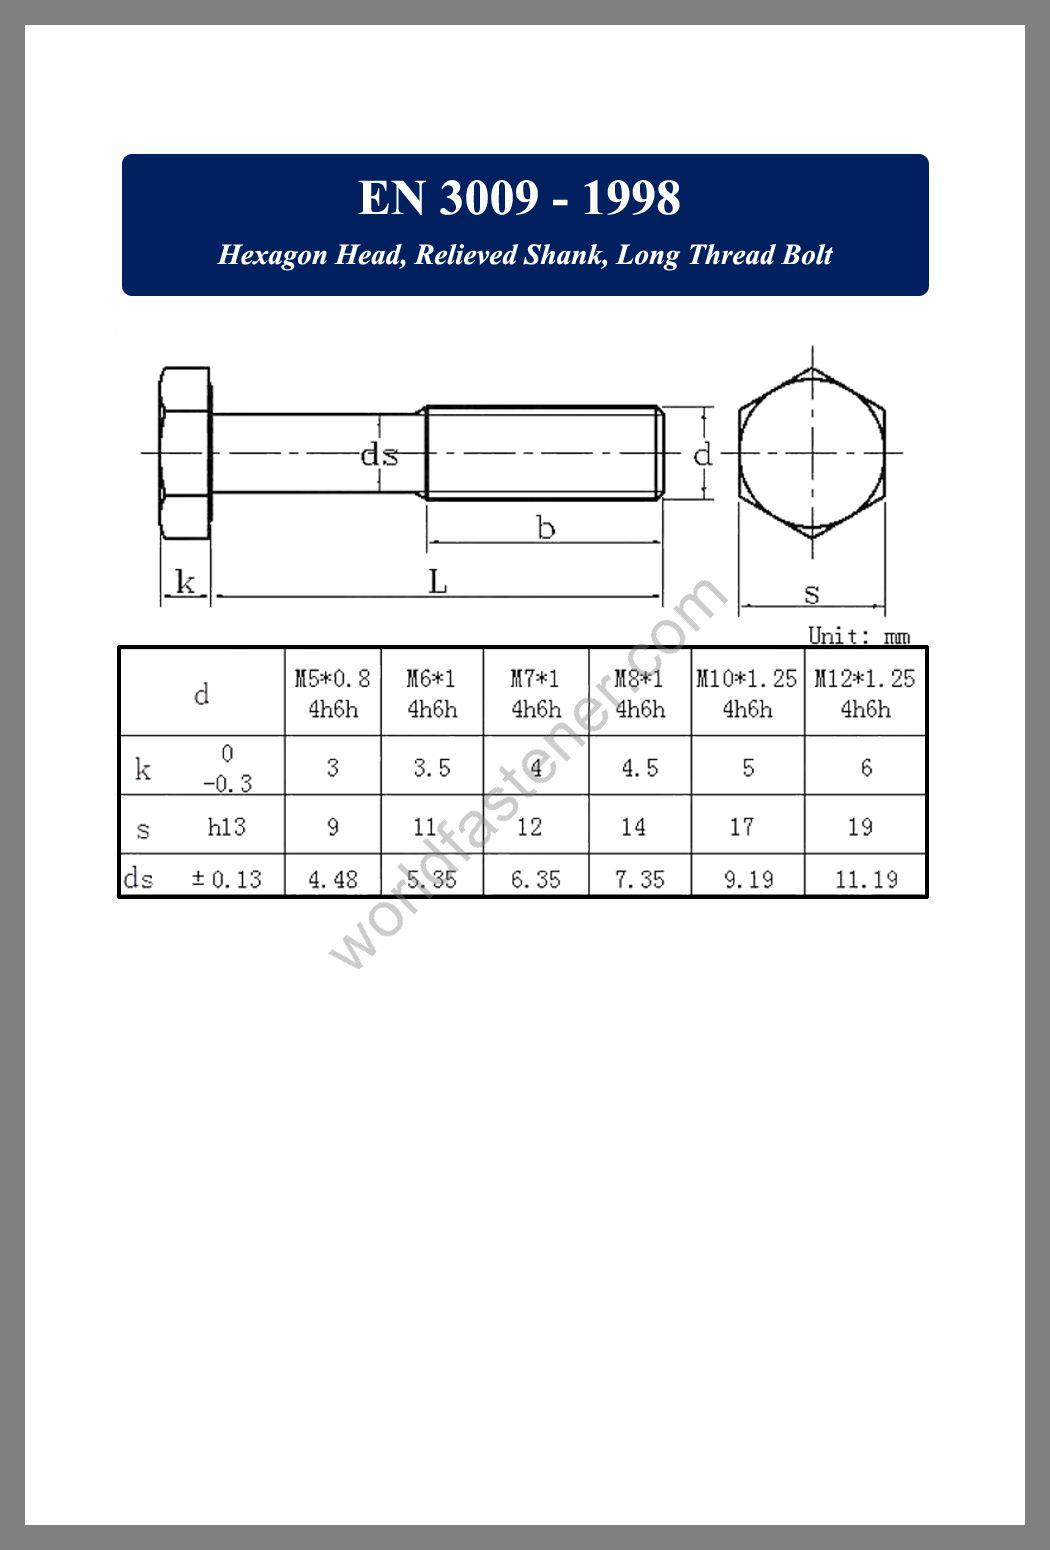 EN 3009, EN 3009 Hexagon Head Bolt with Relieved Shank, fastener, screw, bolt, EN bolt, EN fastener